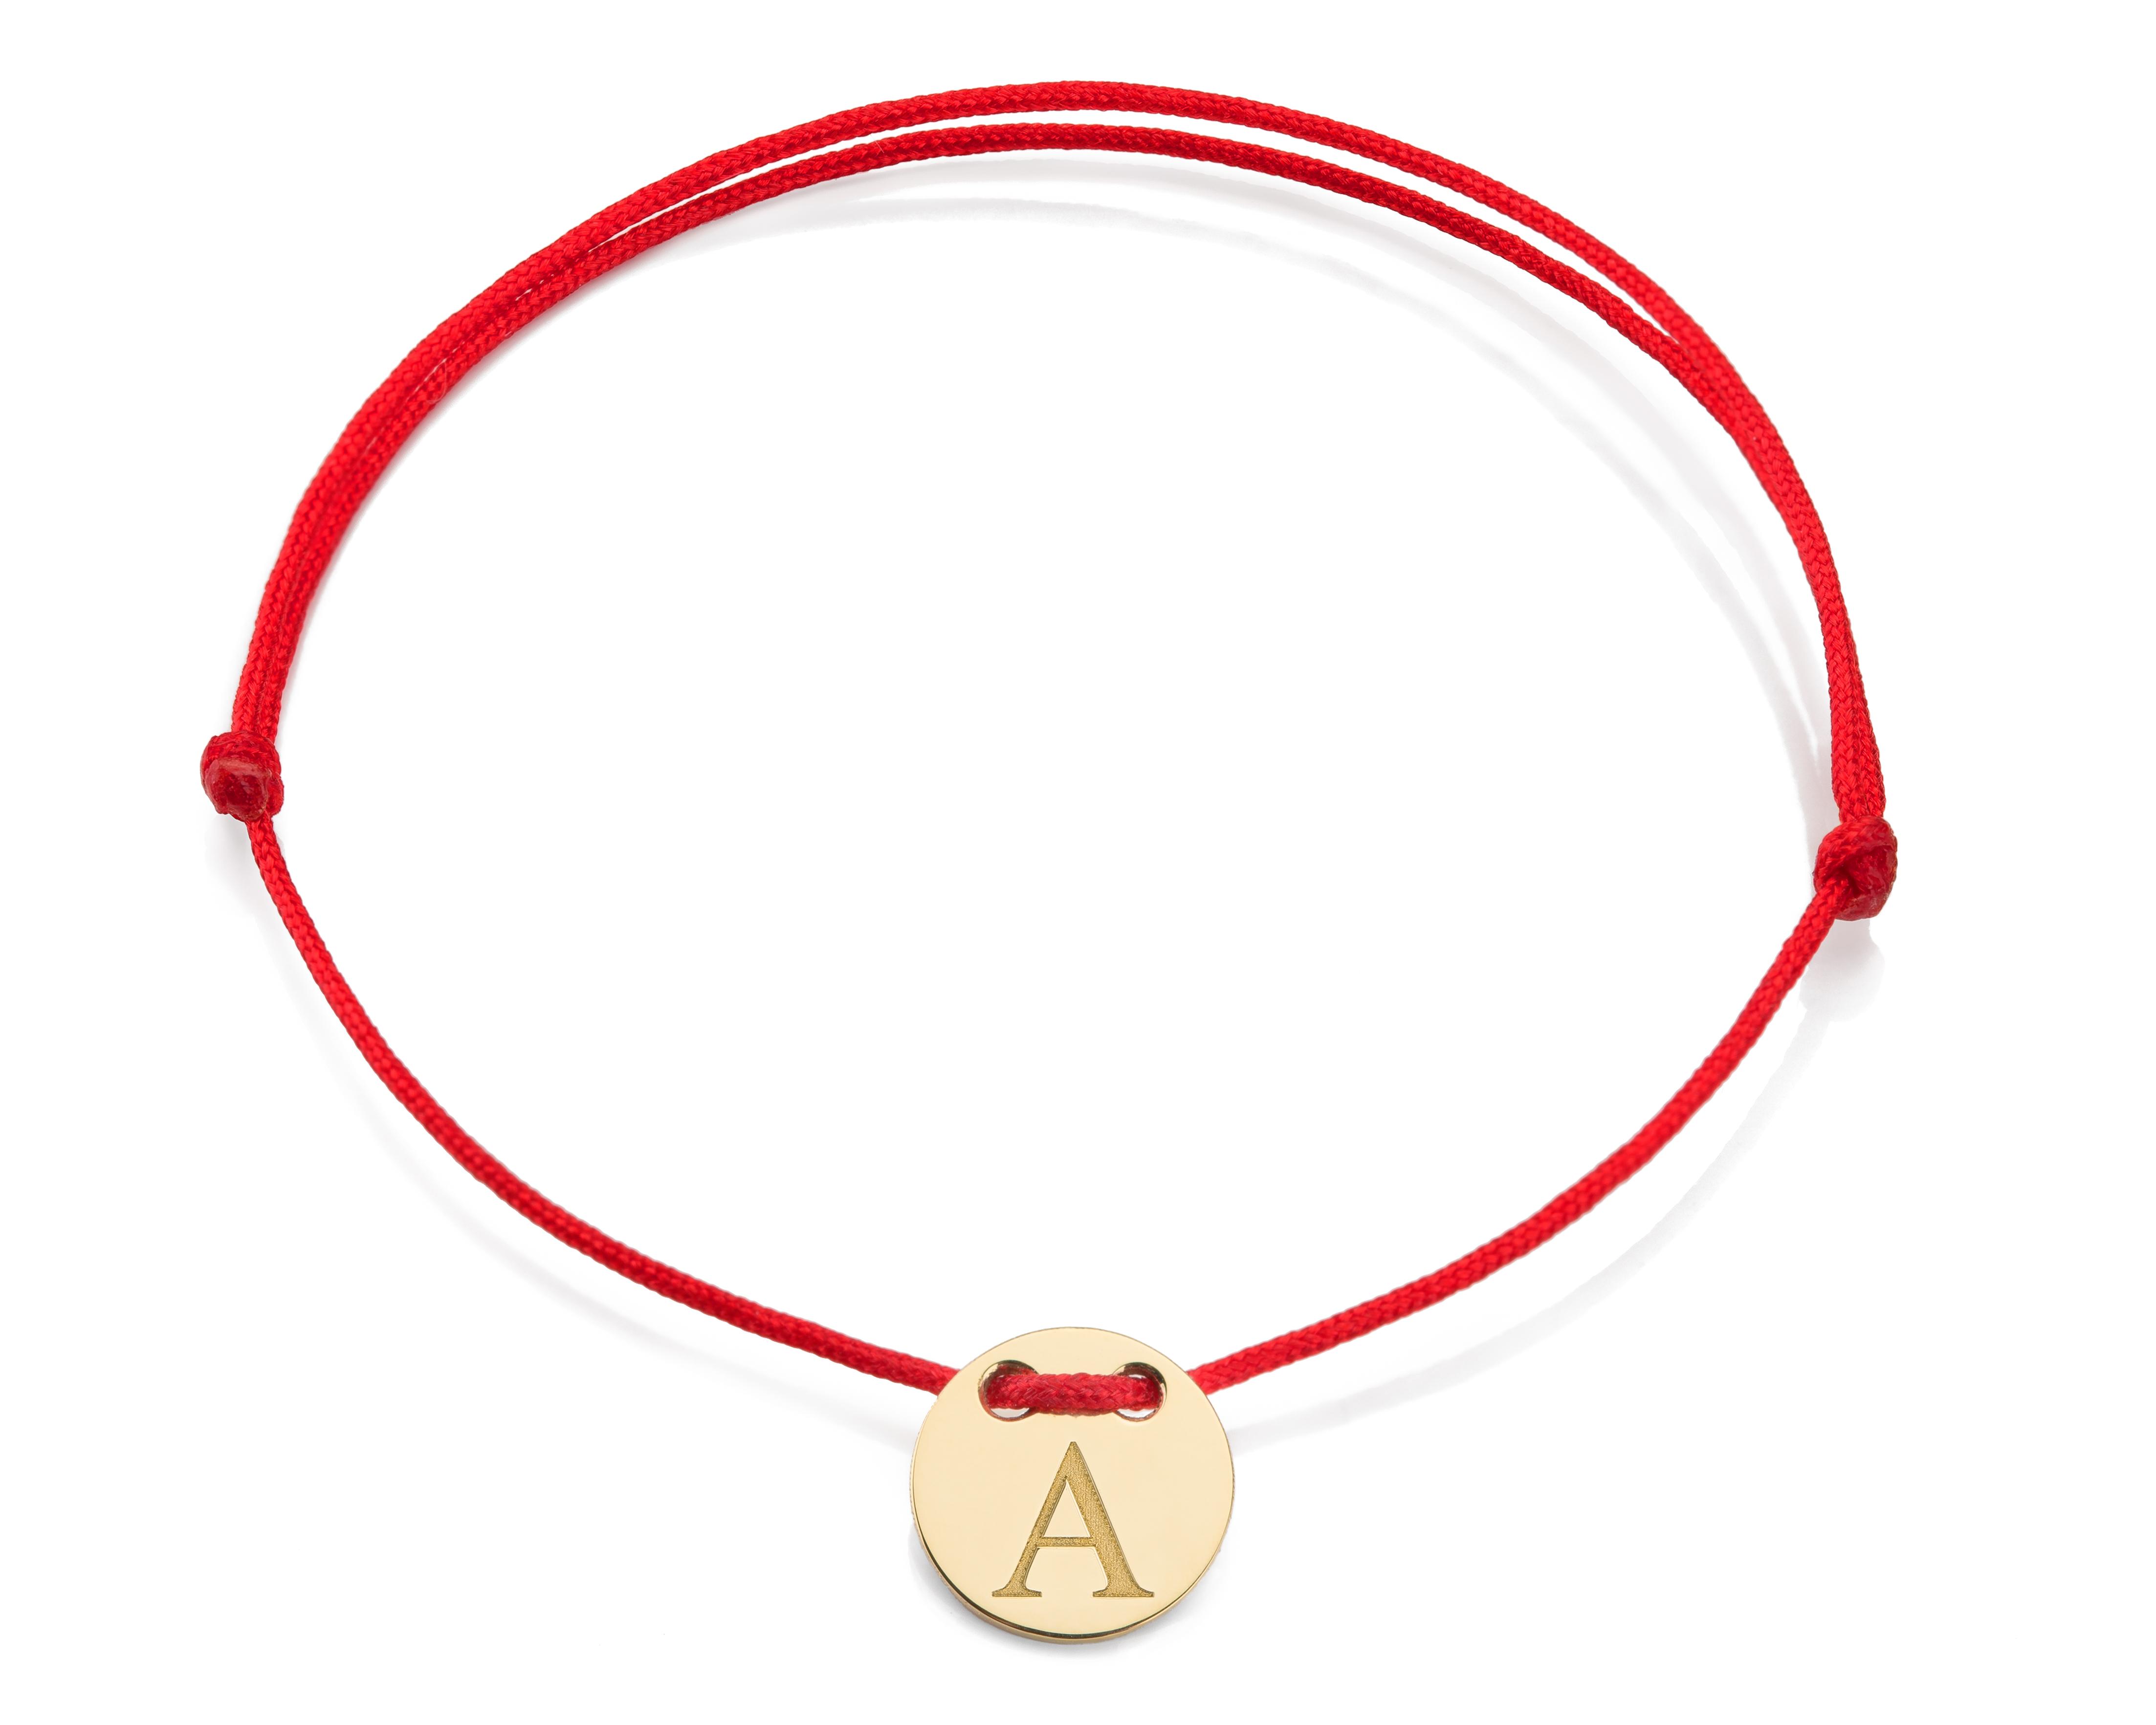 Červená šnúrka, 14kt zlato, Iniciál A